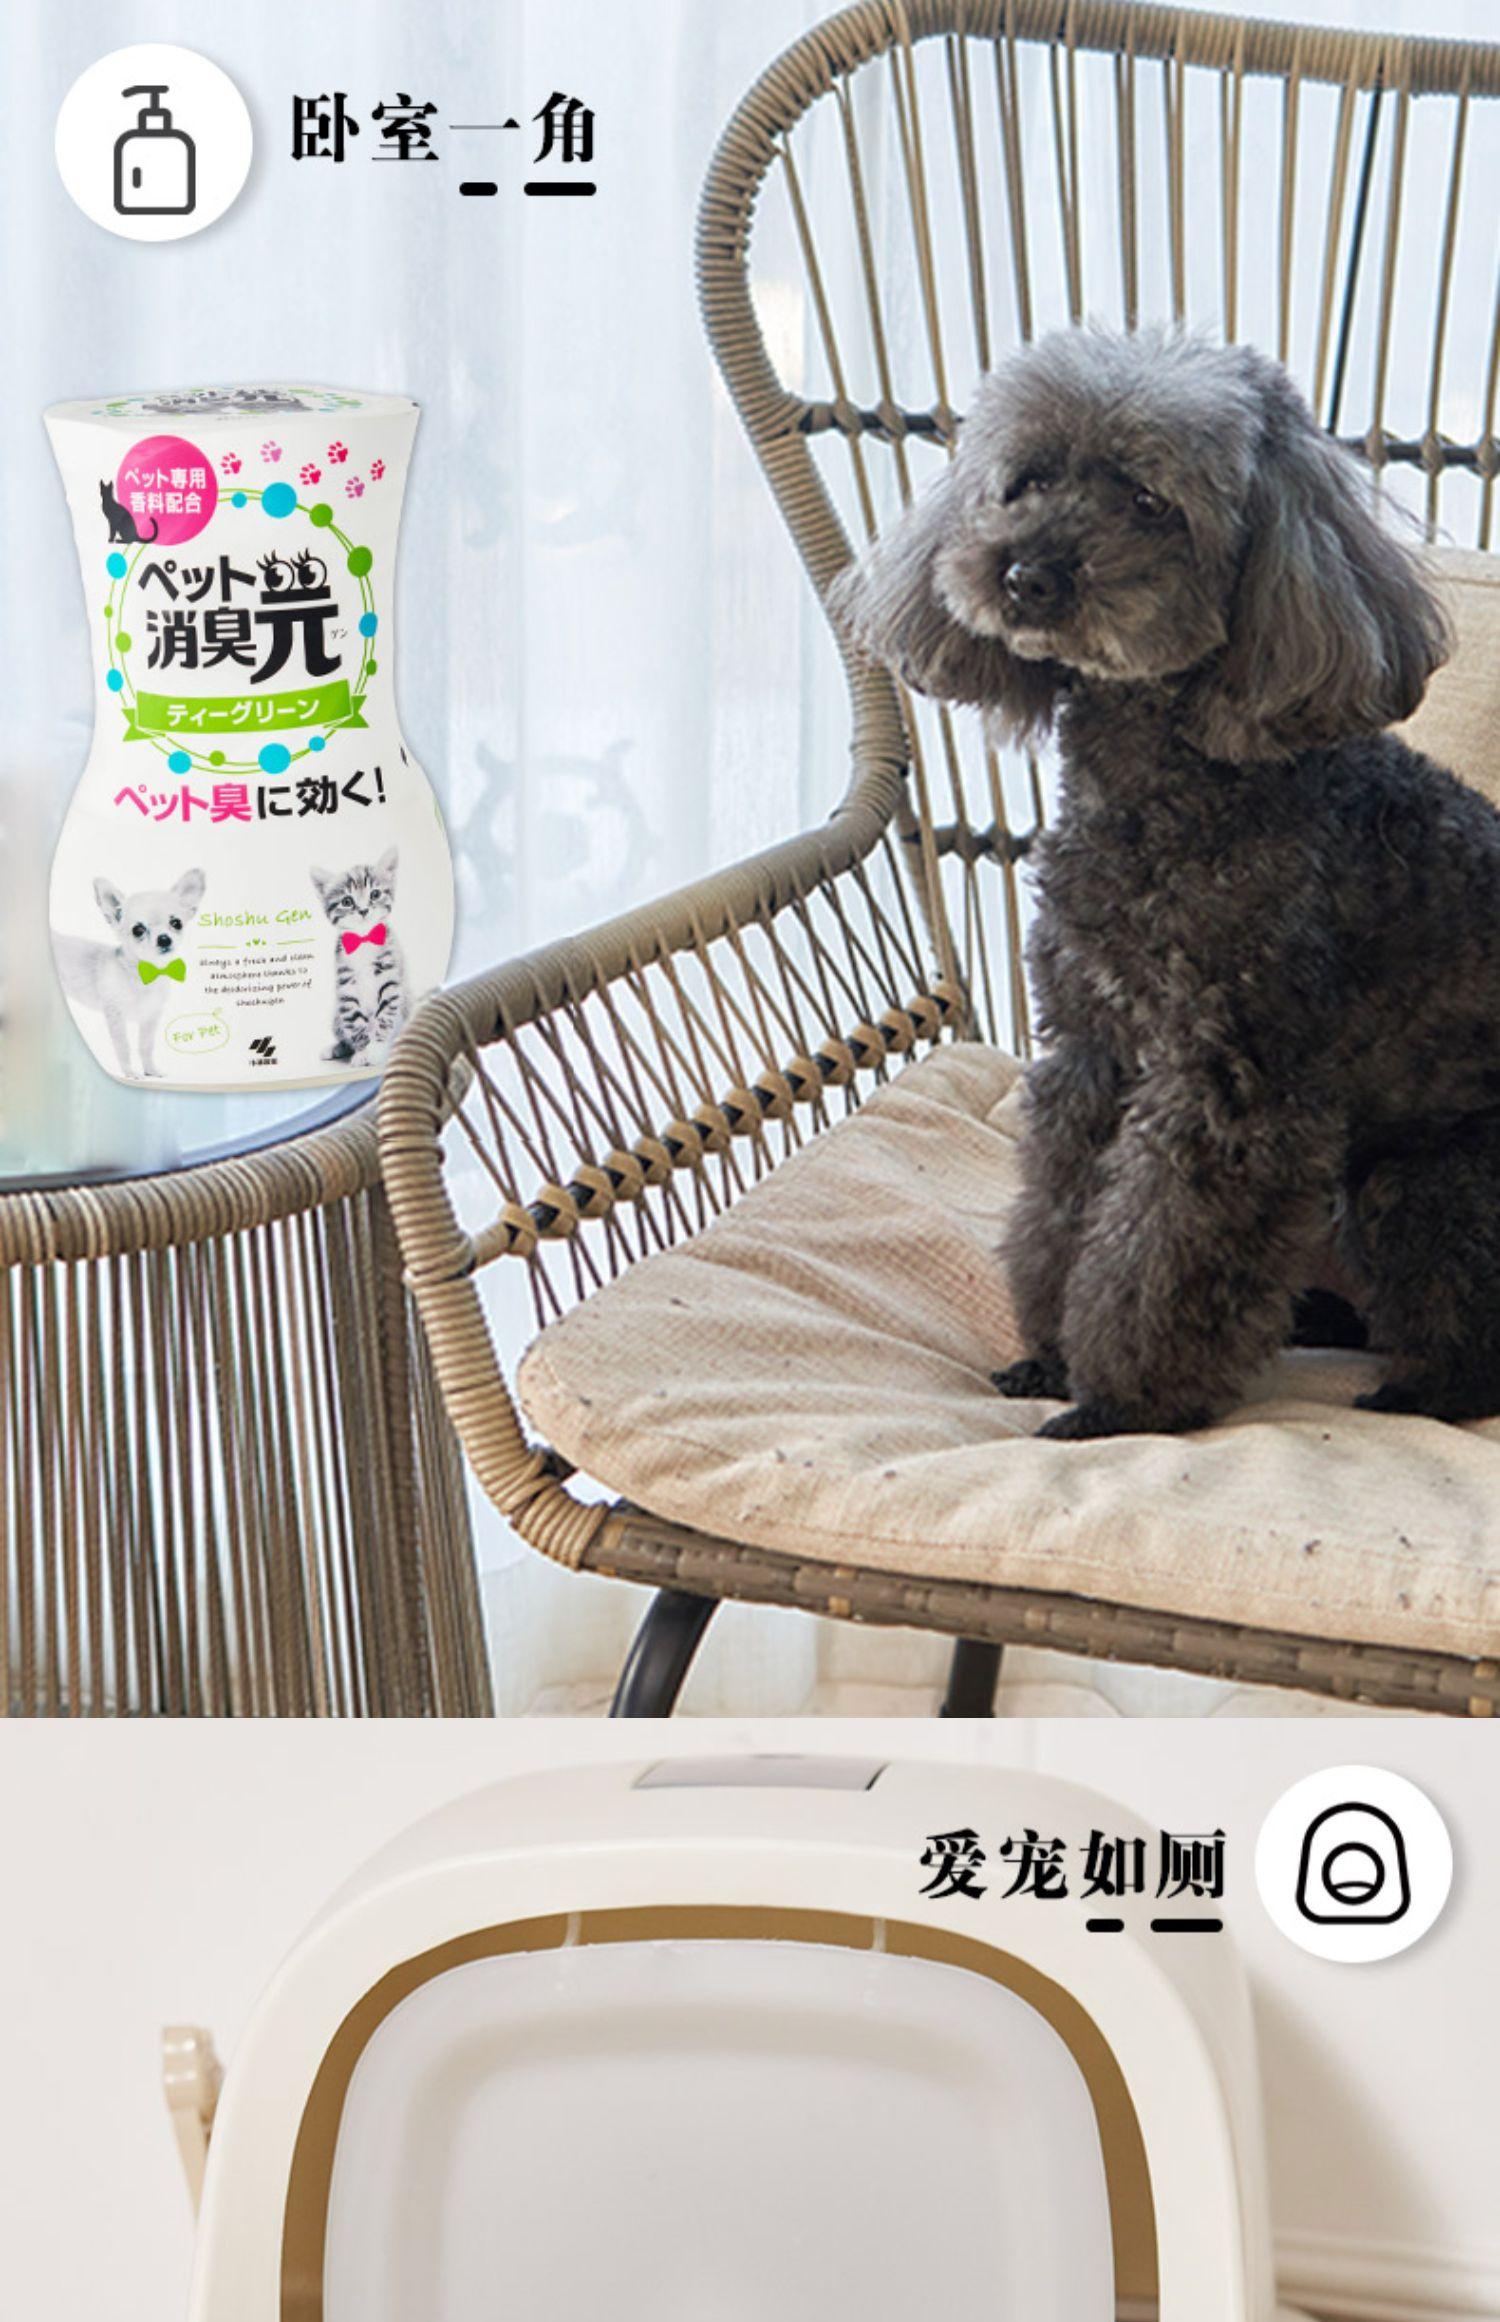 【小林制药】消臭元芳香空气清新剂